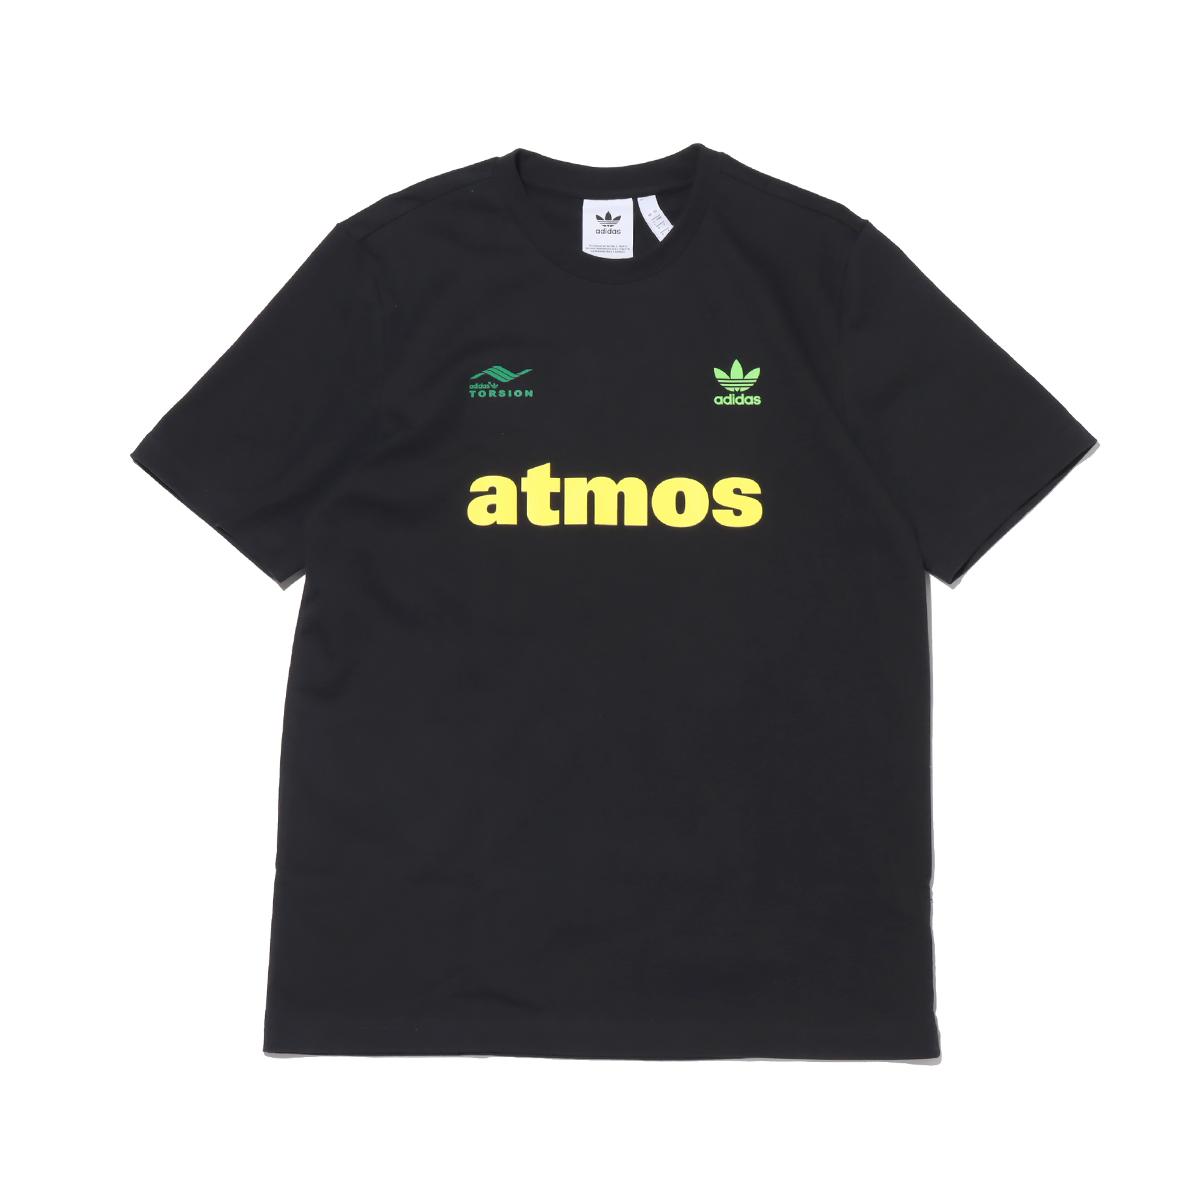 お取り寄せ商品 adidas 2020.SS GID TEE BRANDED アディダス BLACK ブランデッド at20-c 安い 半袖Tシャツ Tシャツ オンラインショッピング 20SS-S メンズ